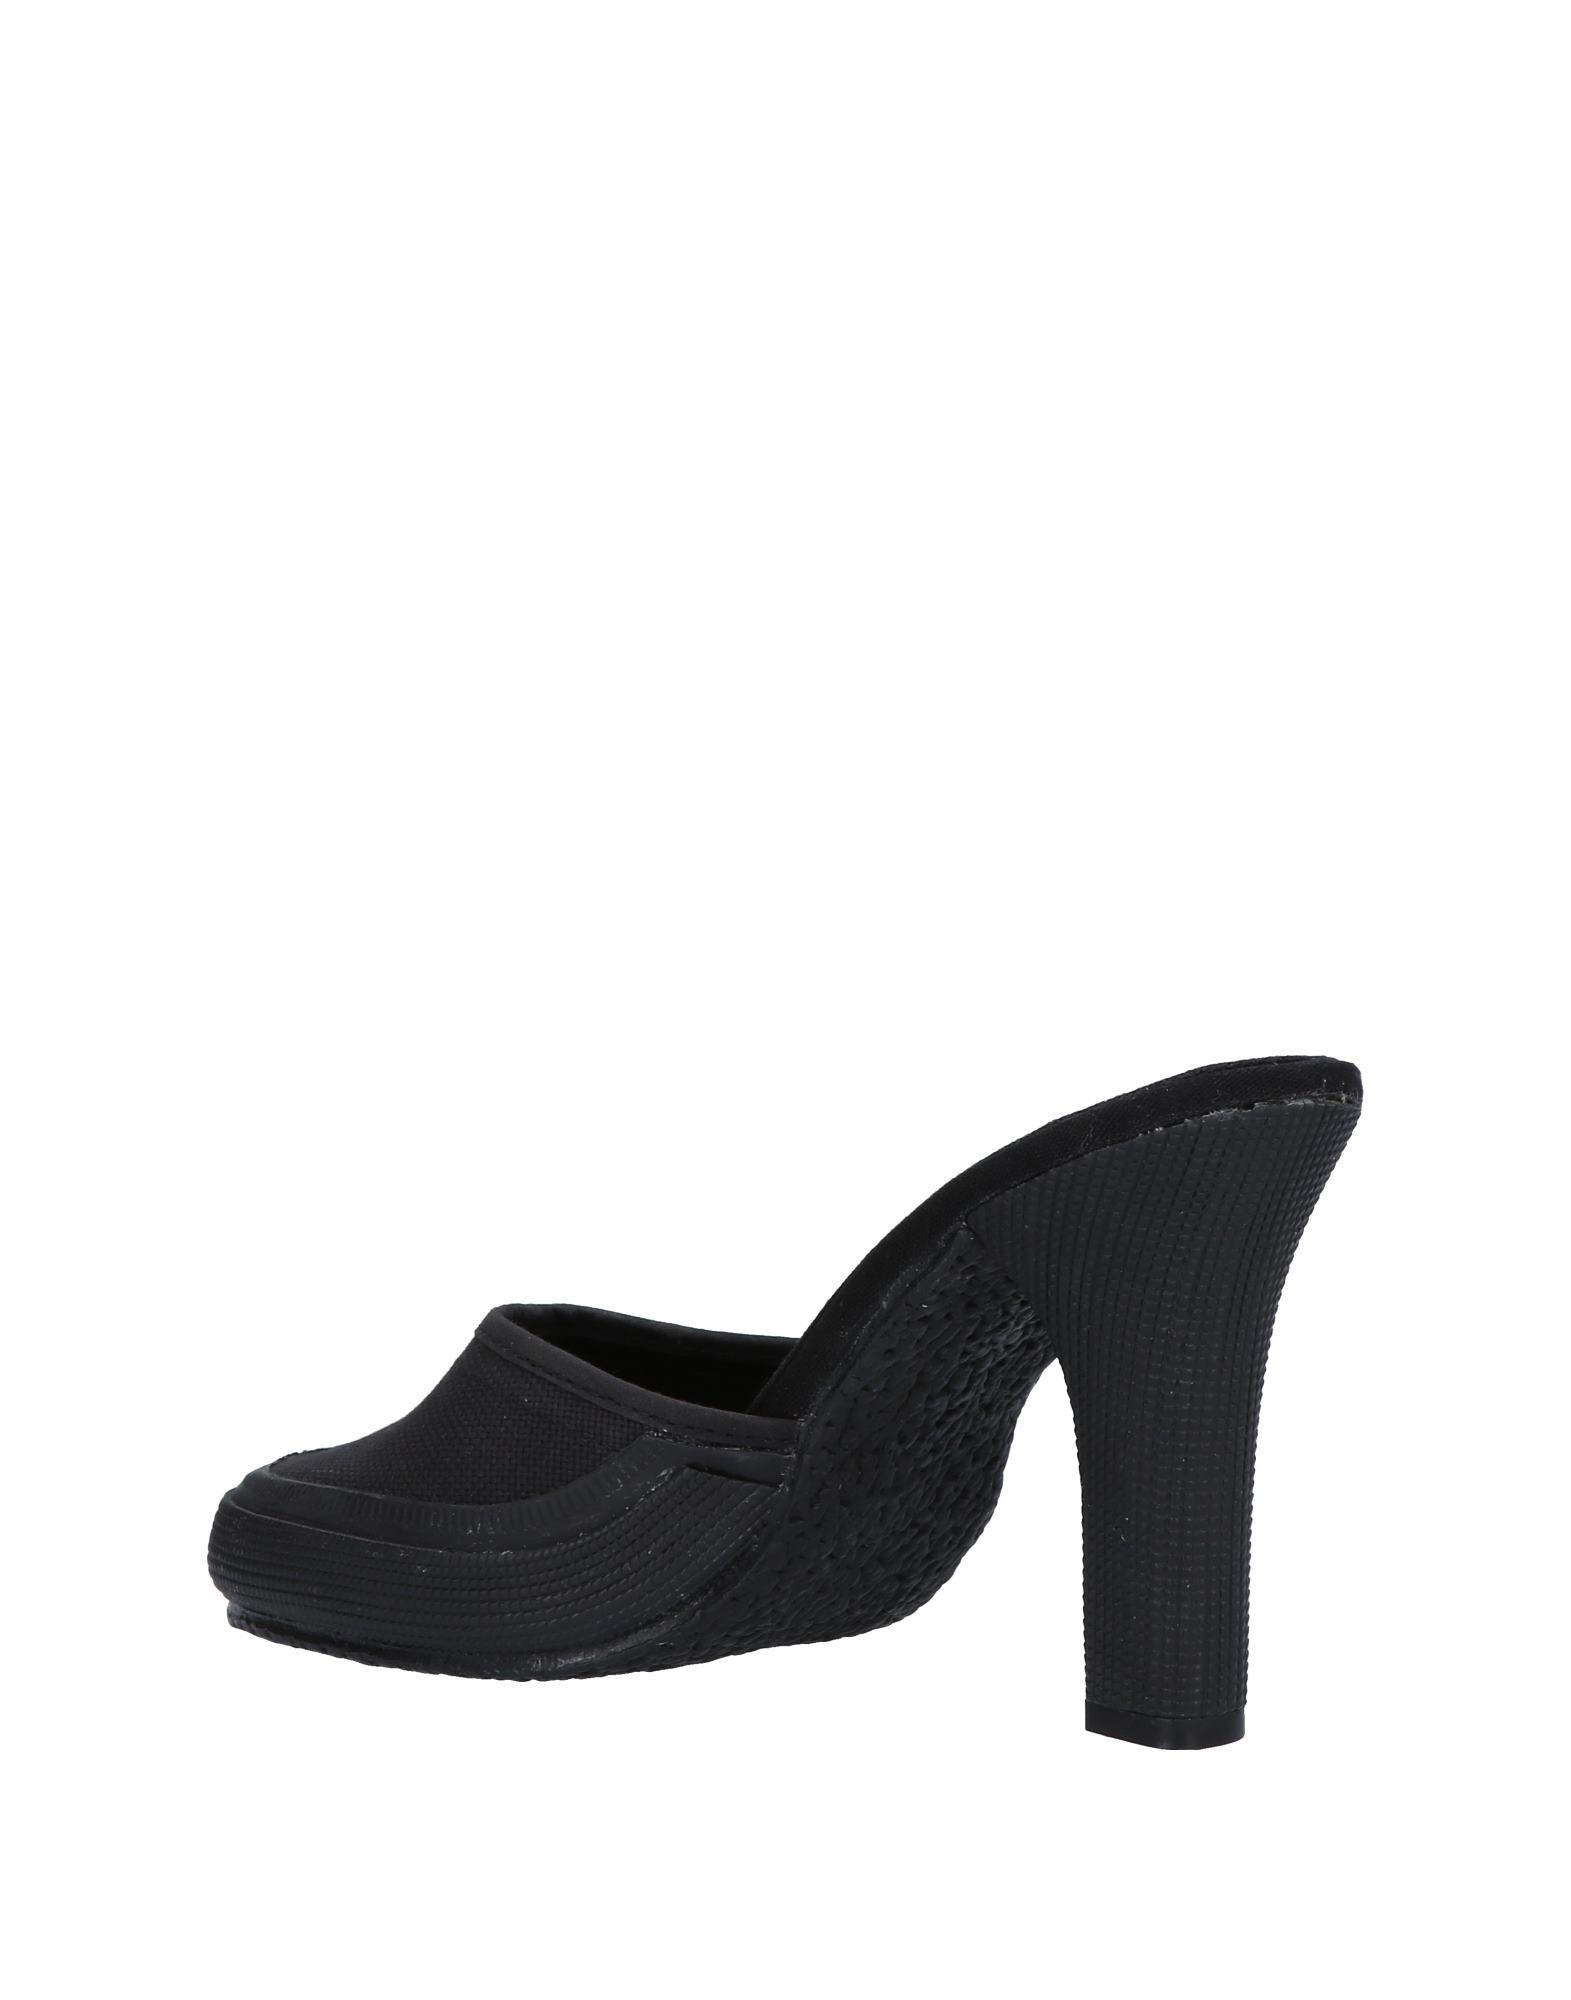 Superga® Pantoletten Gute Damen  11484774AL Gute Pantoletten Qualität beliebte Schuhe 063b6b